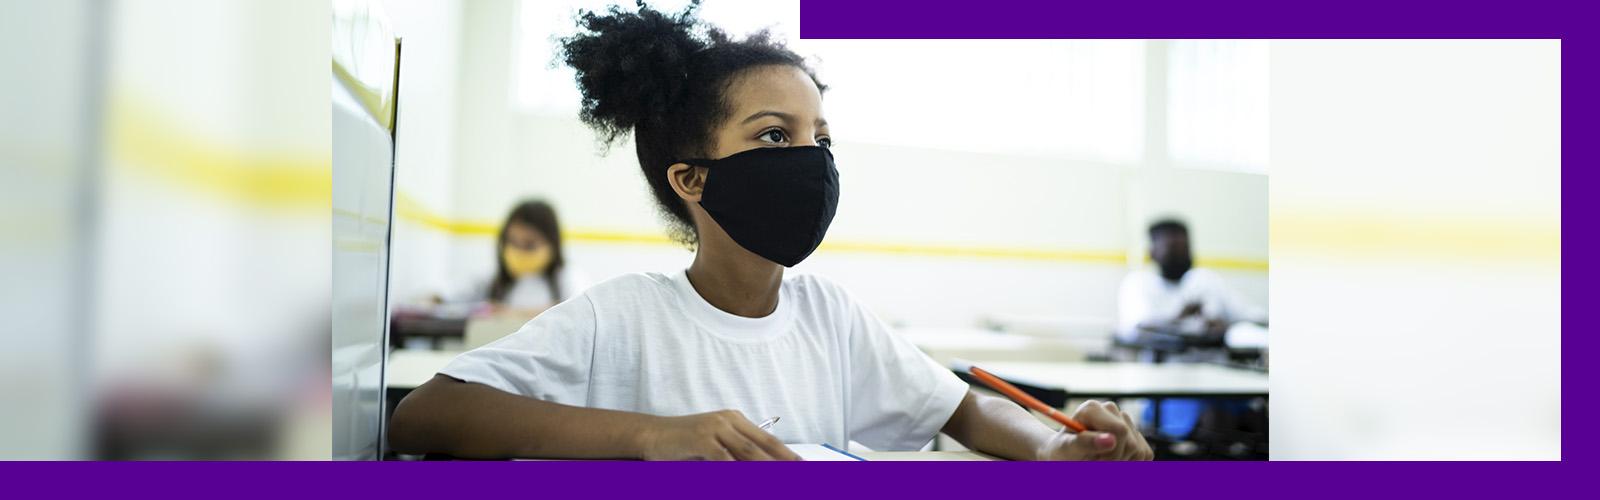 Imagem mostra uma menina dentro de uma sala de aula, sentada atrás de uma carteira escolar. Ela usa uma máscara de proteção preta, camiseta branca e segura um lápis na mão esquerda. Sobre a carteira há um caderno e um estojo.